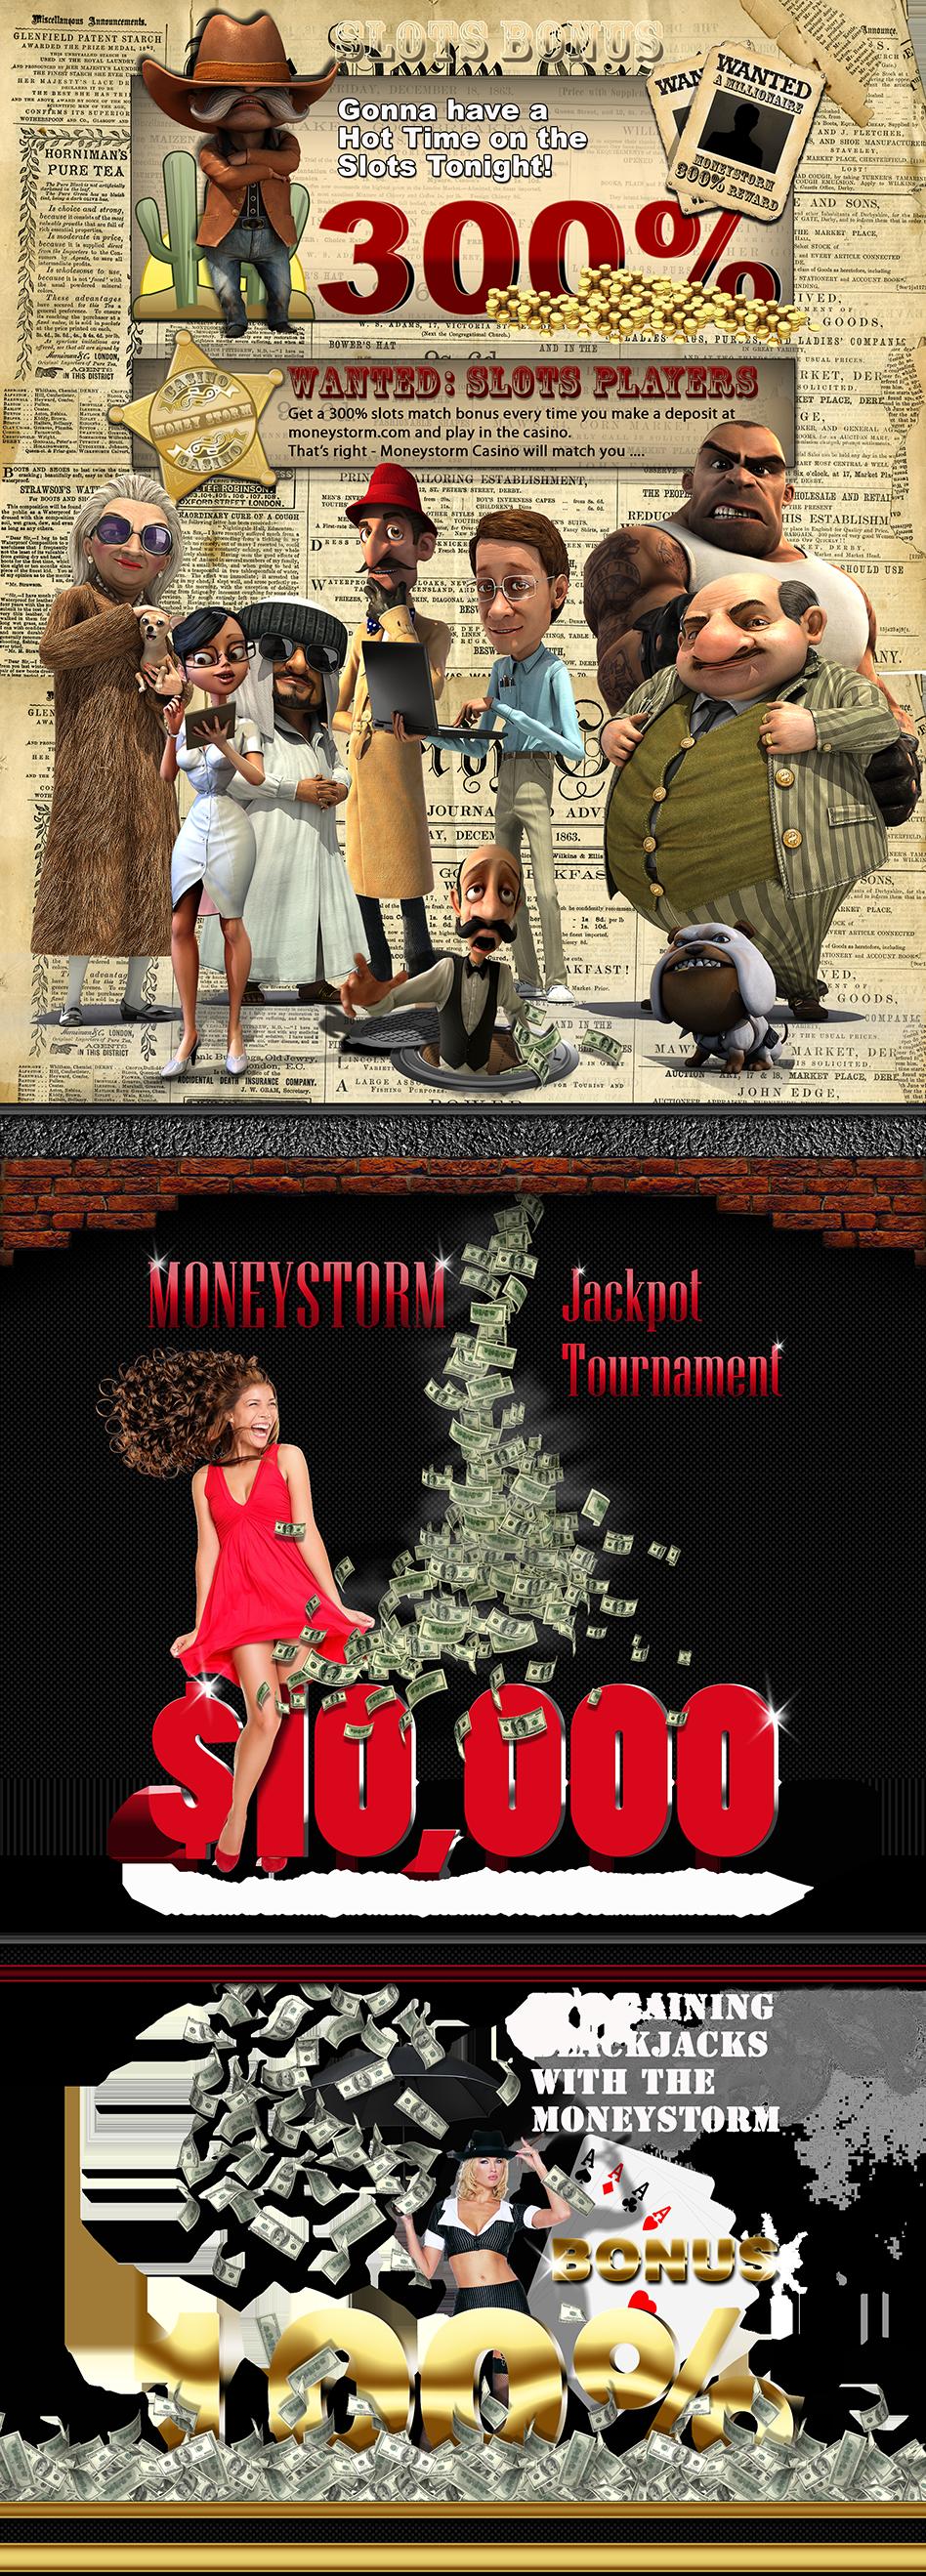 Moneystorm casino sign up